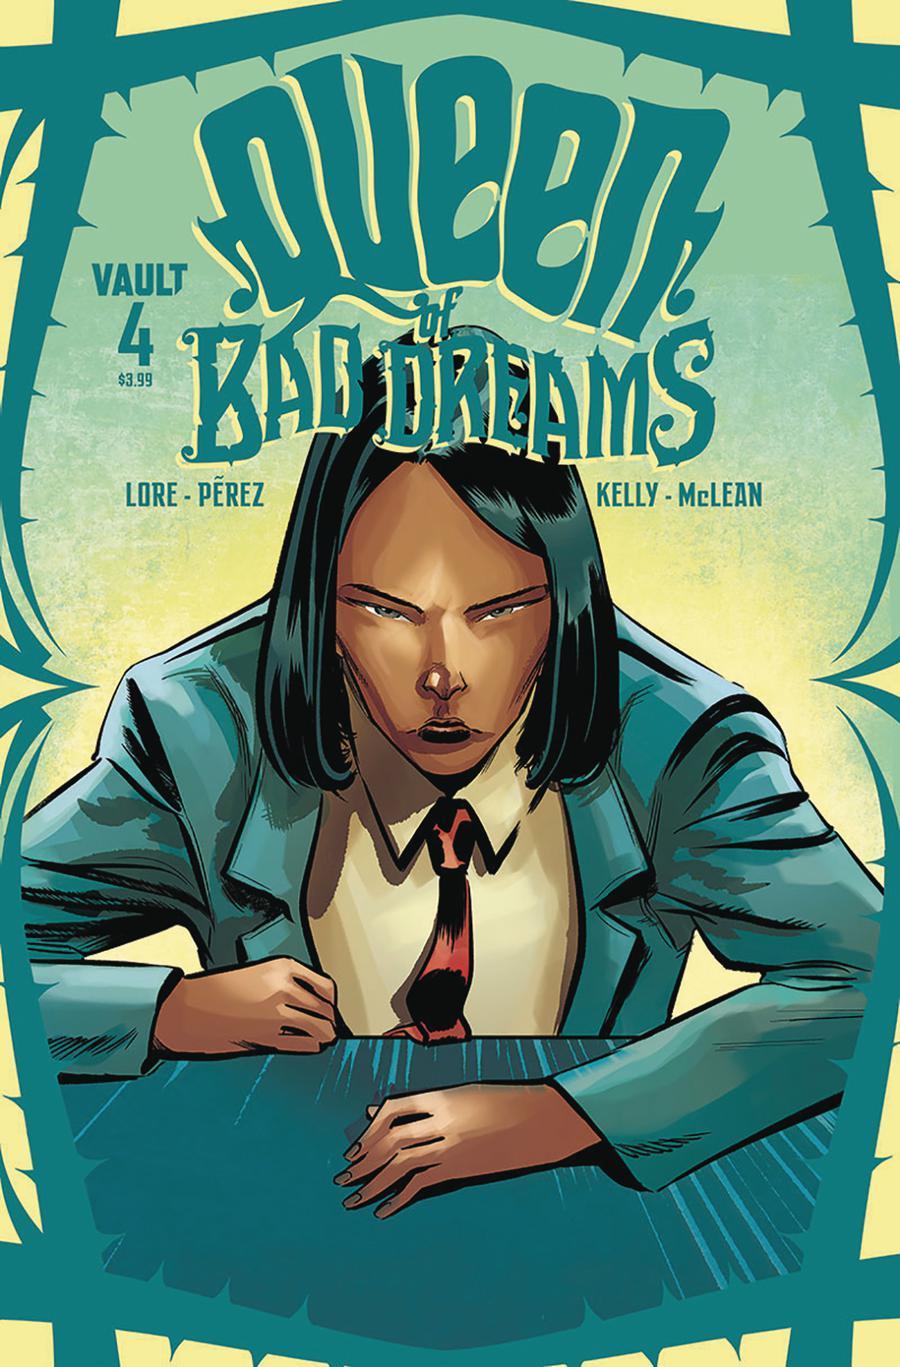 Queen Of Bad Dreams #4